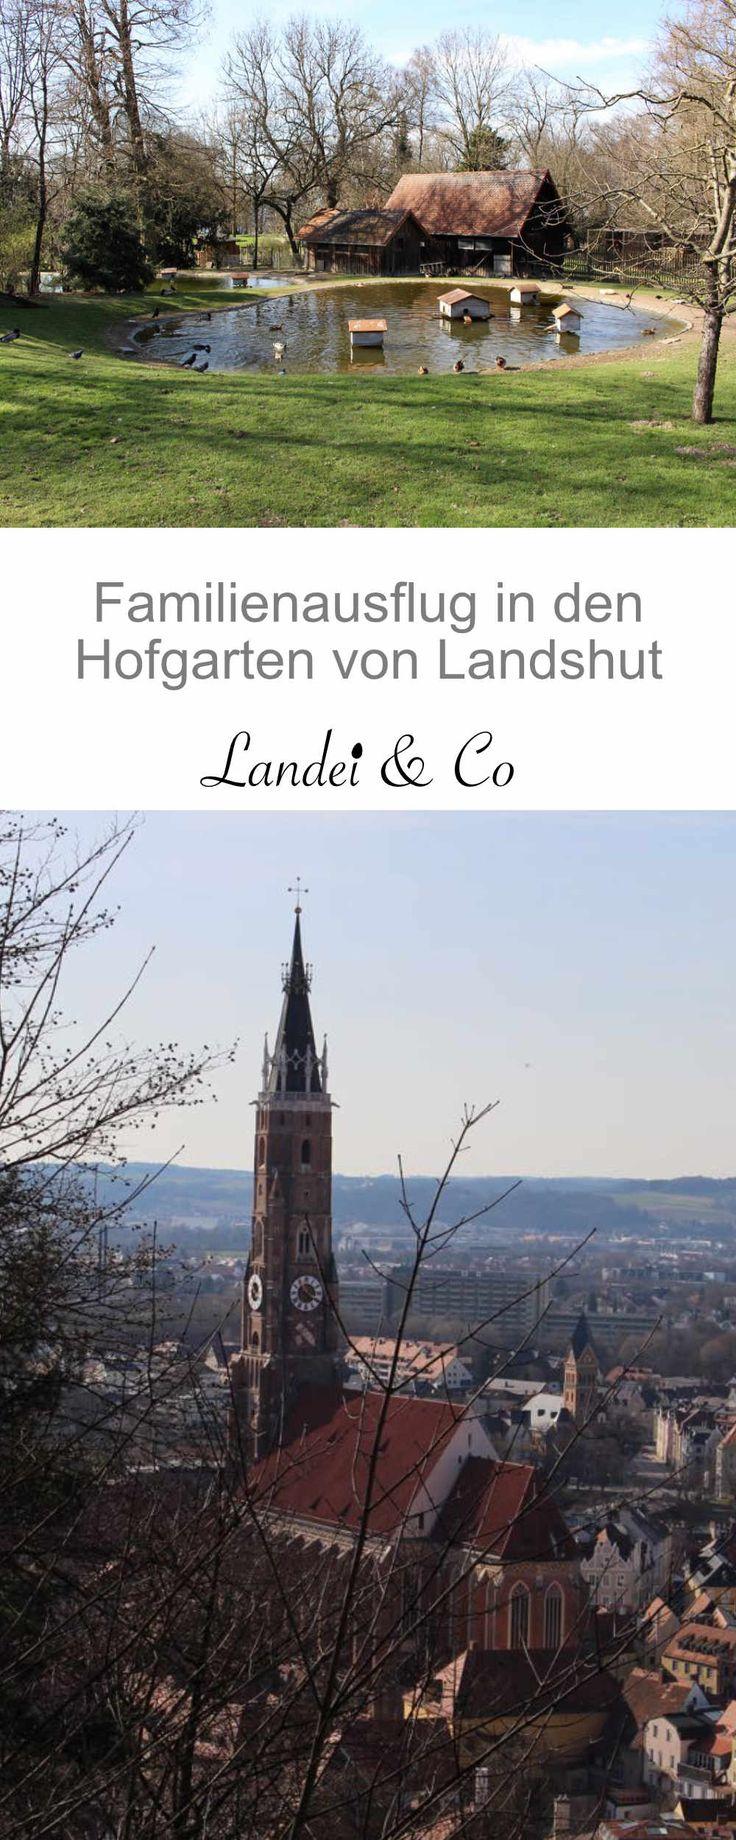 Tiergarten, Parkanlage, Schaugarten, Abenteuerspielplatz... all das bietet das grüne Herz der Stadt Landshut!